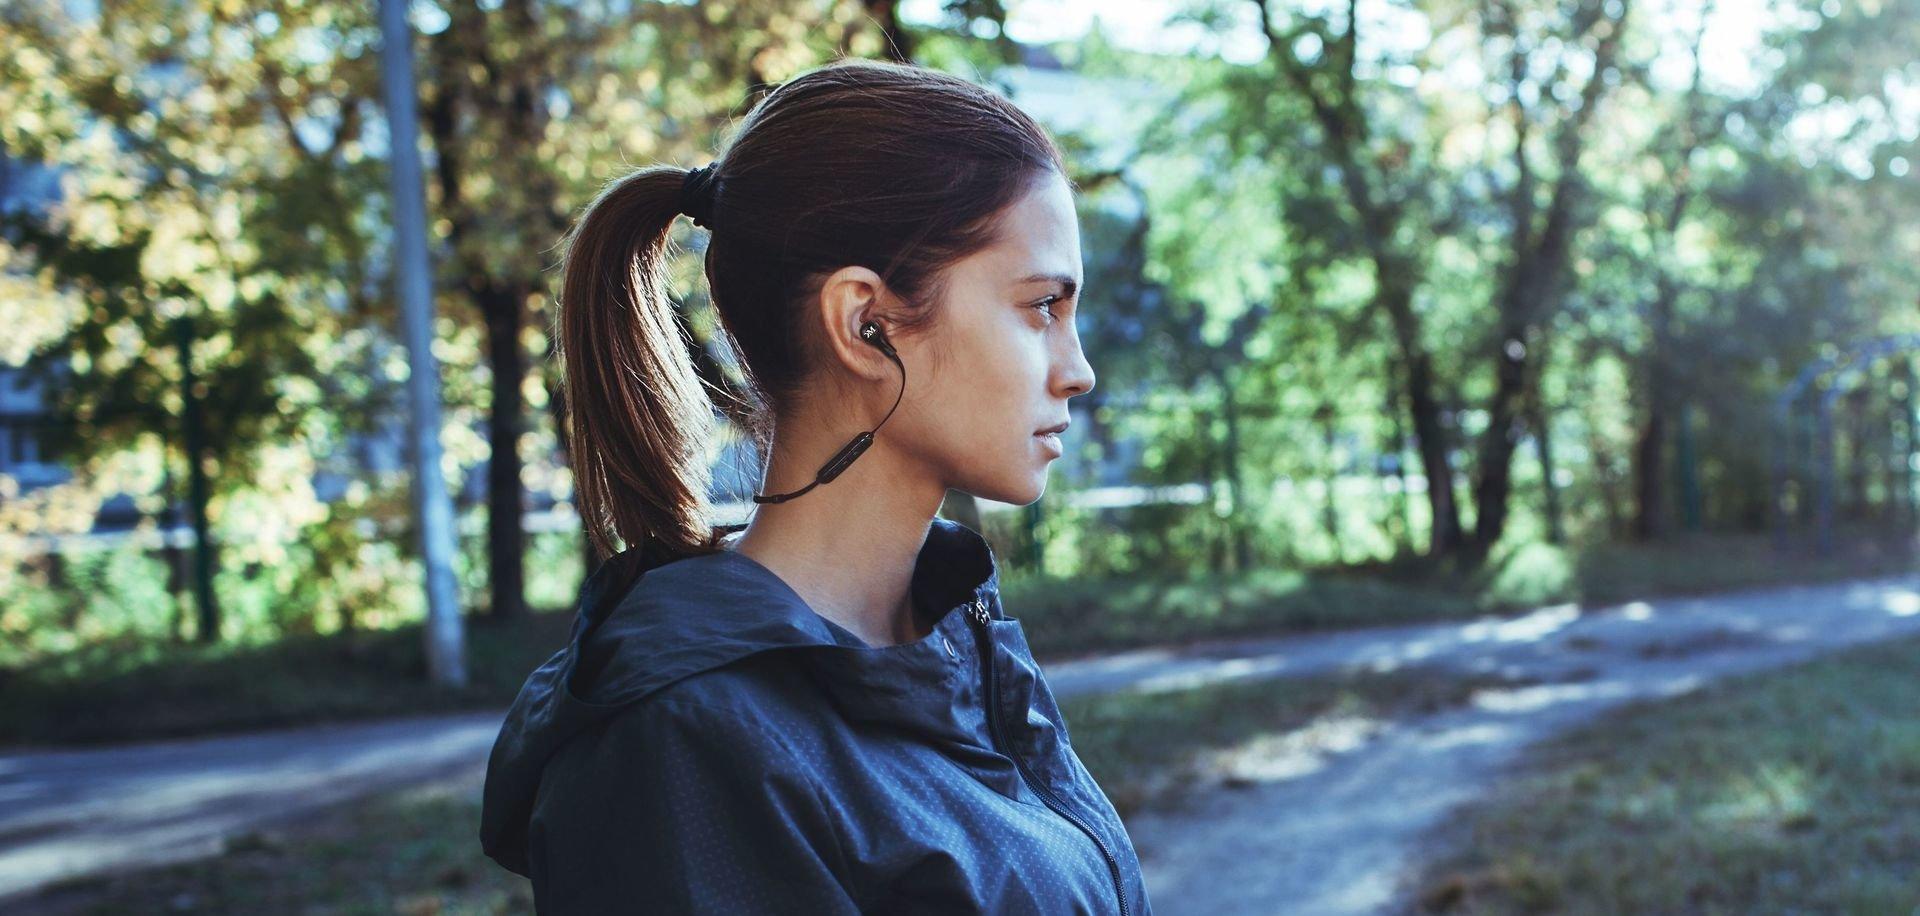 PORADNIK: Najlepsze słuchawki sportowe